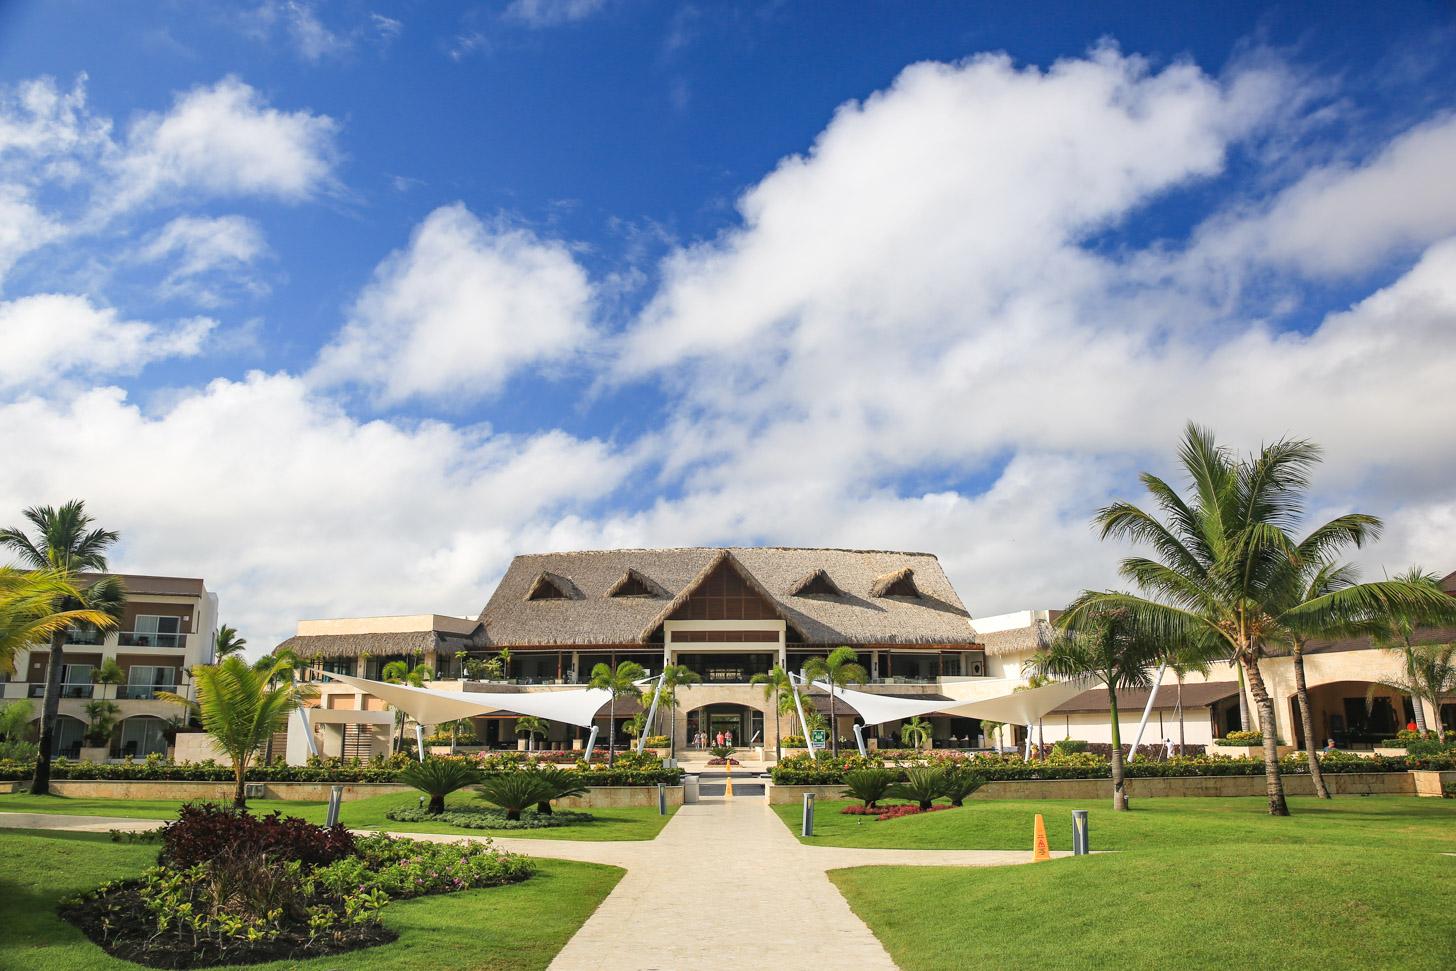 Een luxe vakantieresort in Punta Cana